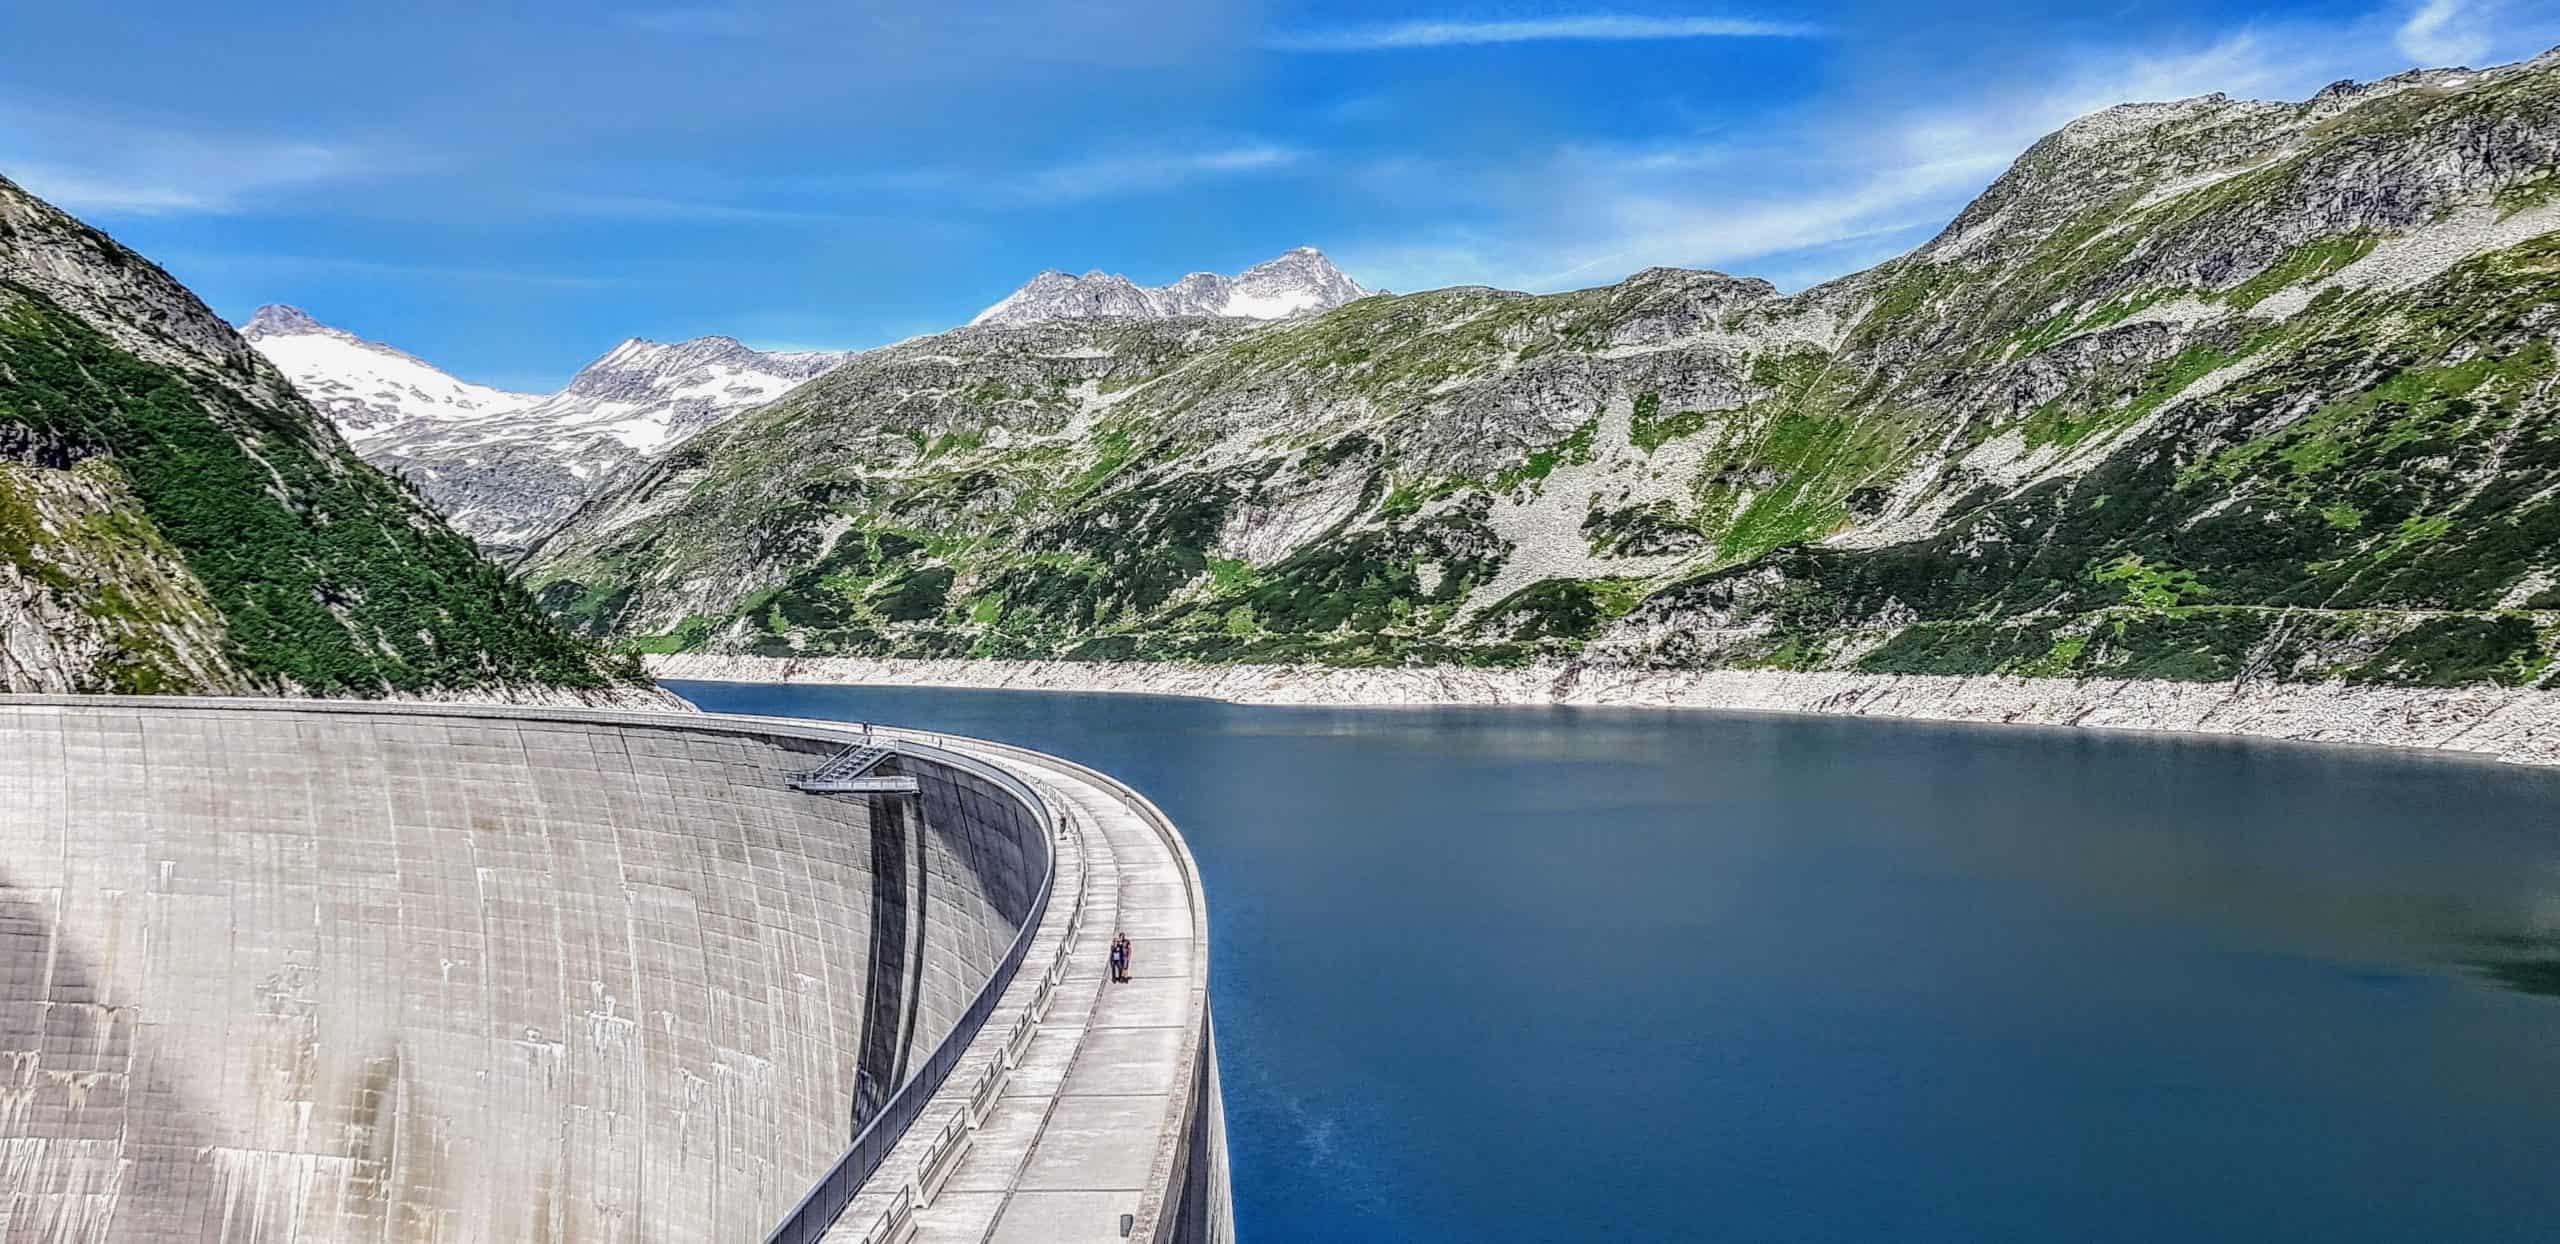 Kölnbrein Staudamm im Kärntner Maltatal - Sehenswürdigkeit in Österreich